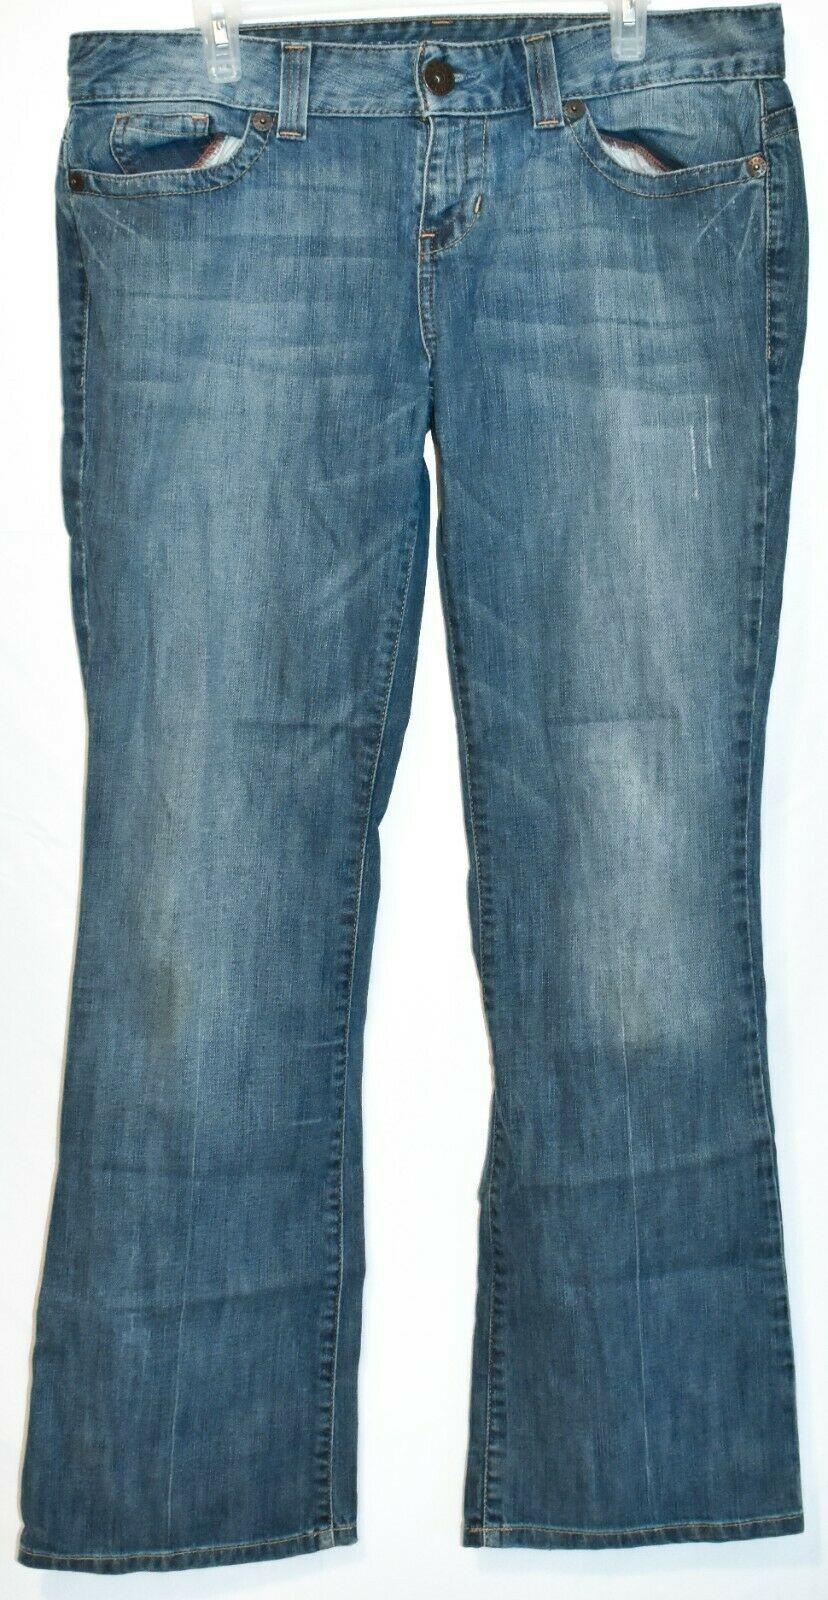 Guess Jeans Women's Daredevil Boot Cut Blue Denim Stretch Size 34